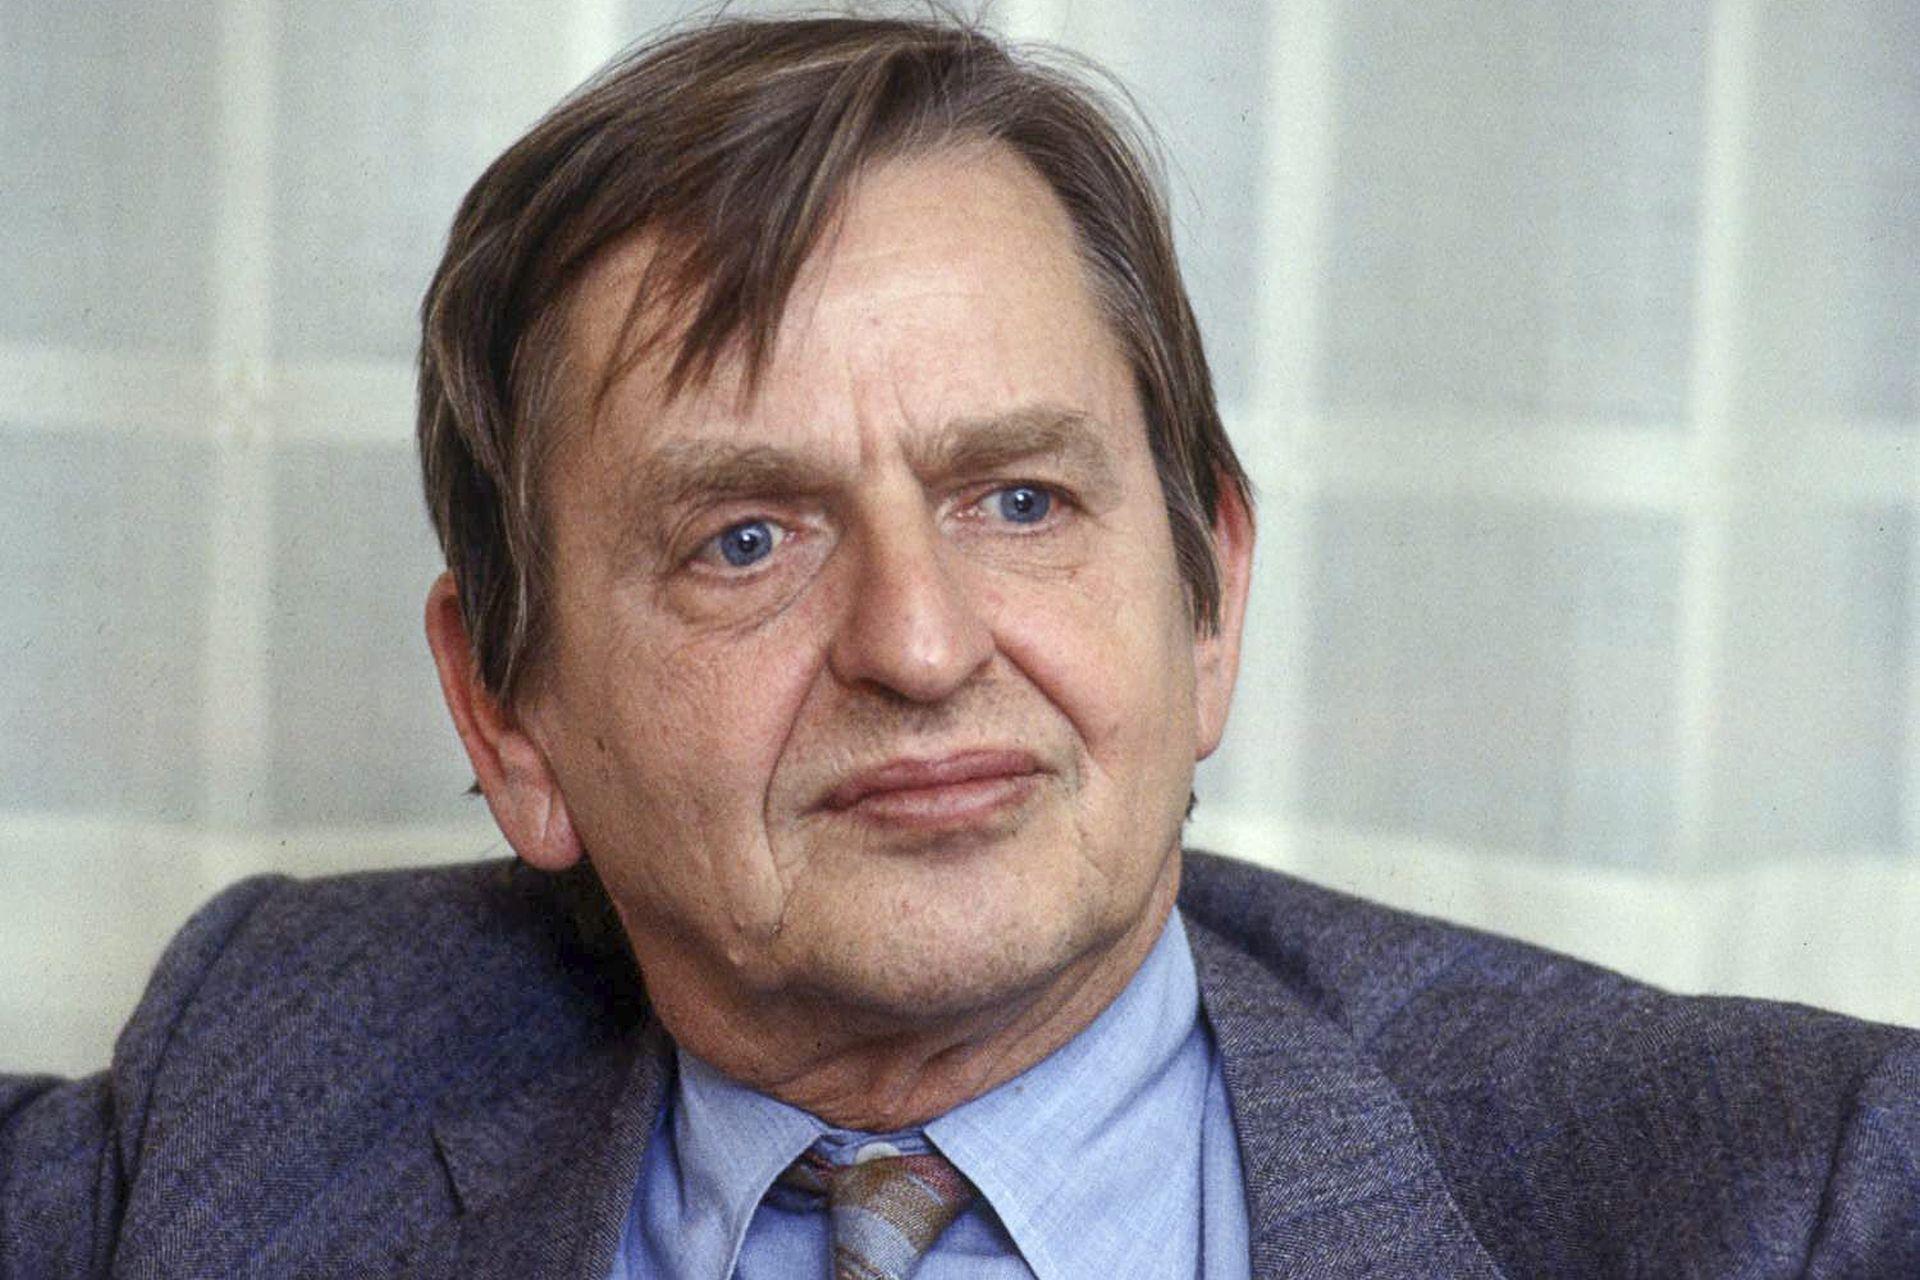 Neriješeno ubojstvo premijera Olofa Palmea i nakon 30 godina trauma za Šveđane